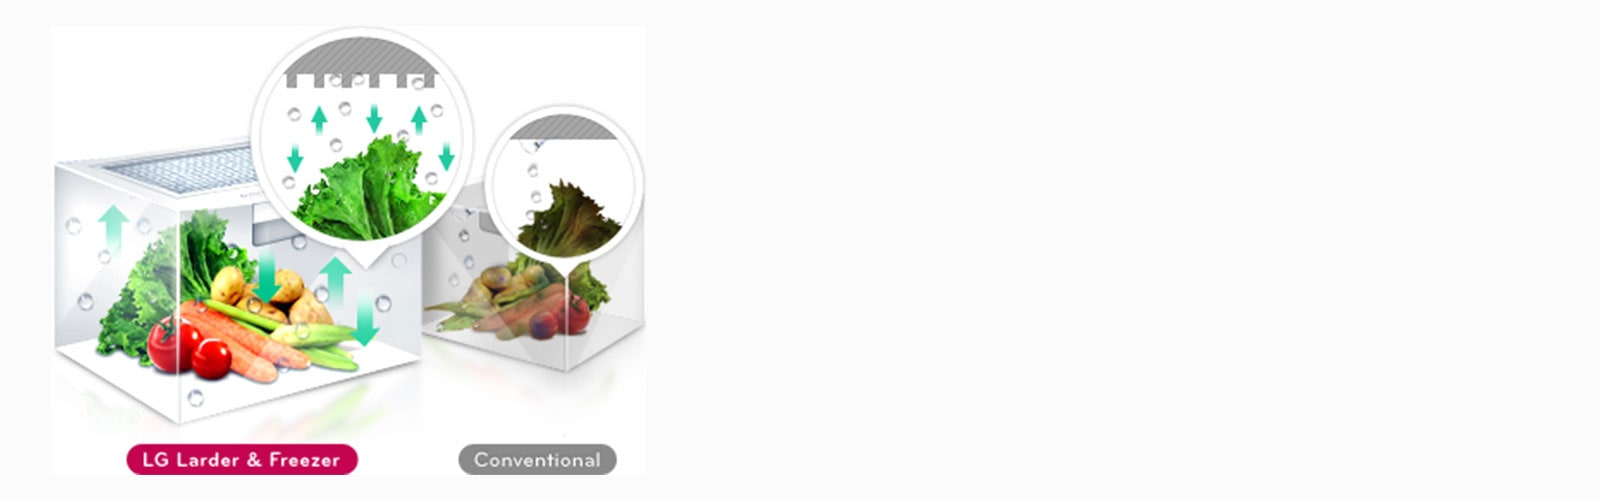 GC-B404ELRZ_lg-refrigerator-lansen-feature_Moist_Balance_Crisper_D_24072019